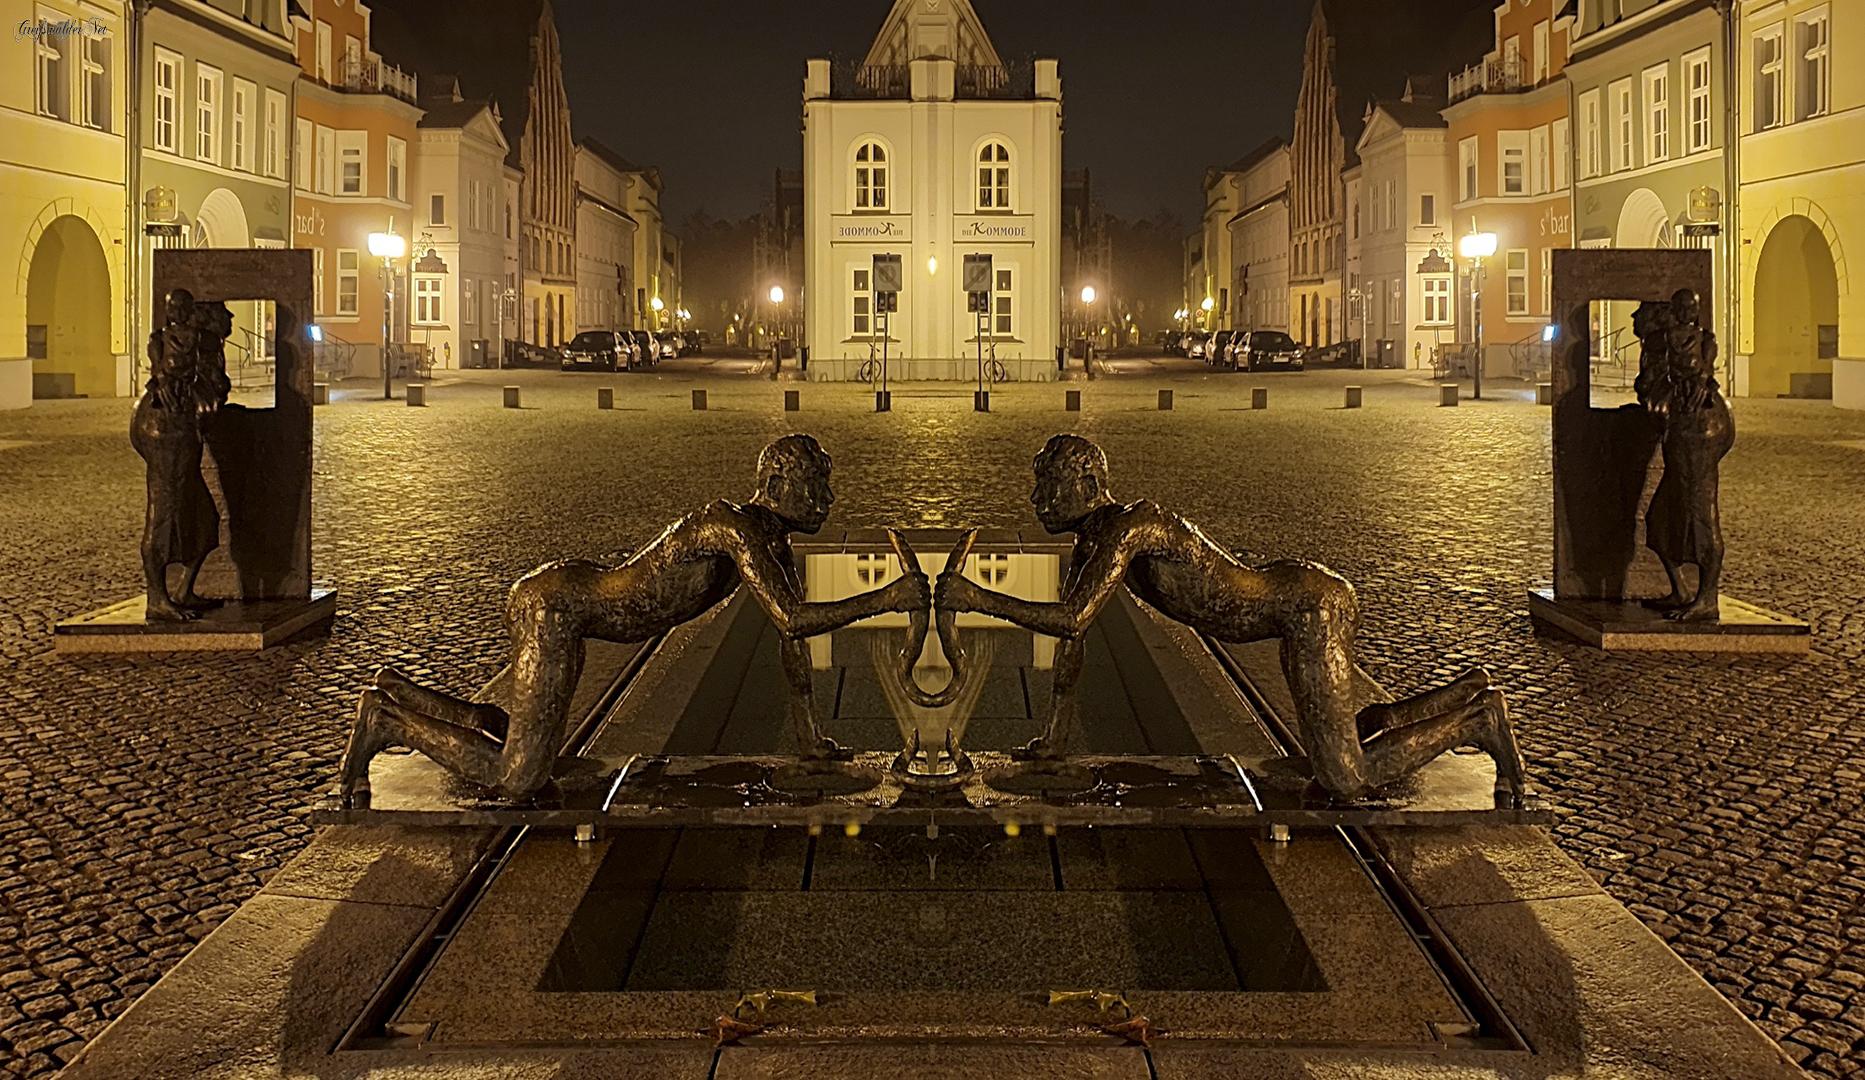 Spiegelung - Fischerbrunnen auf dem Fischmarkt in Greifswald